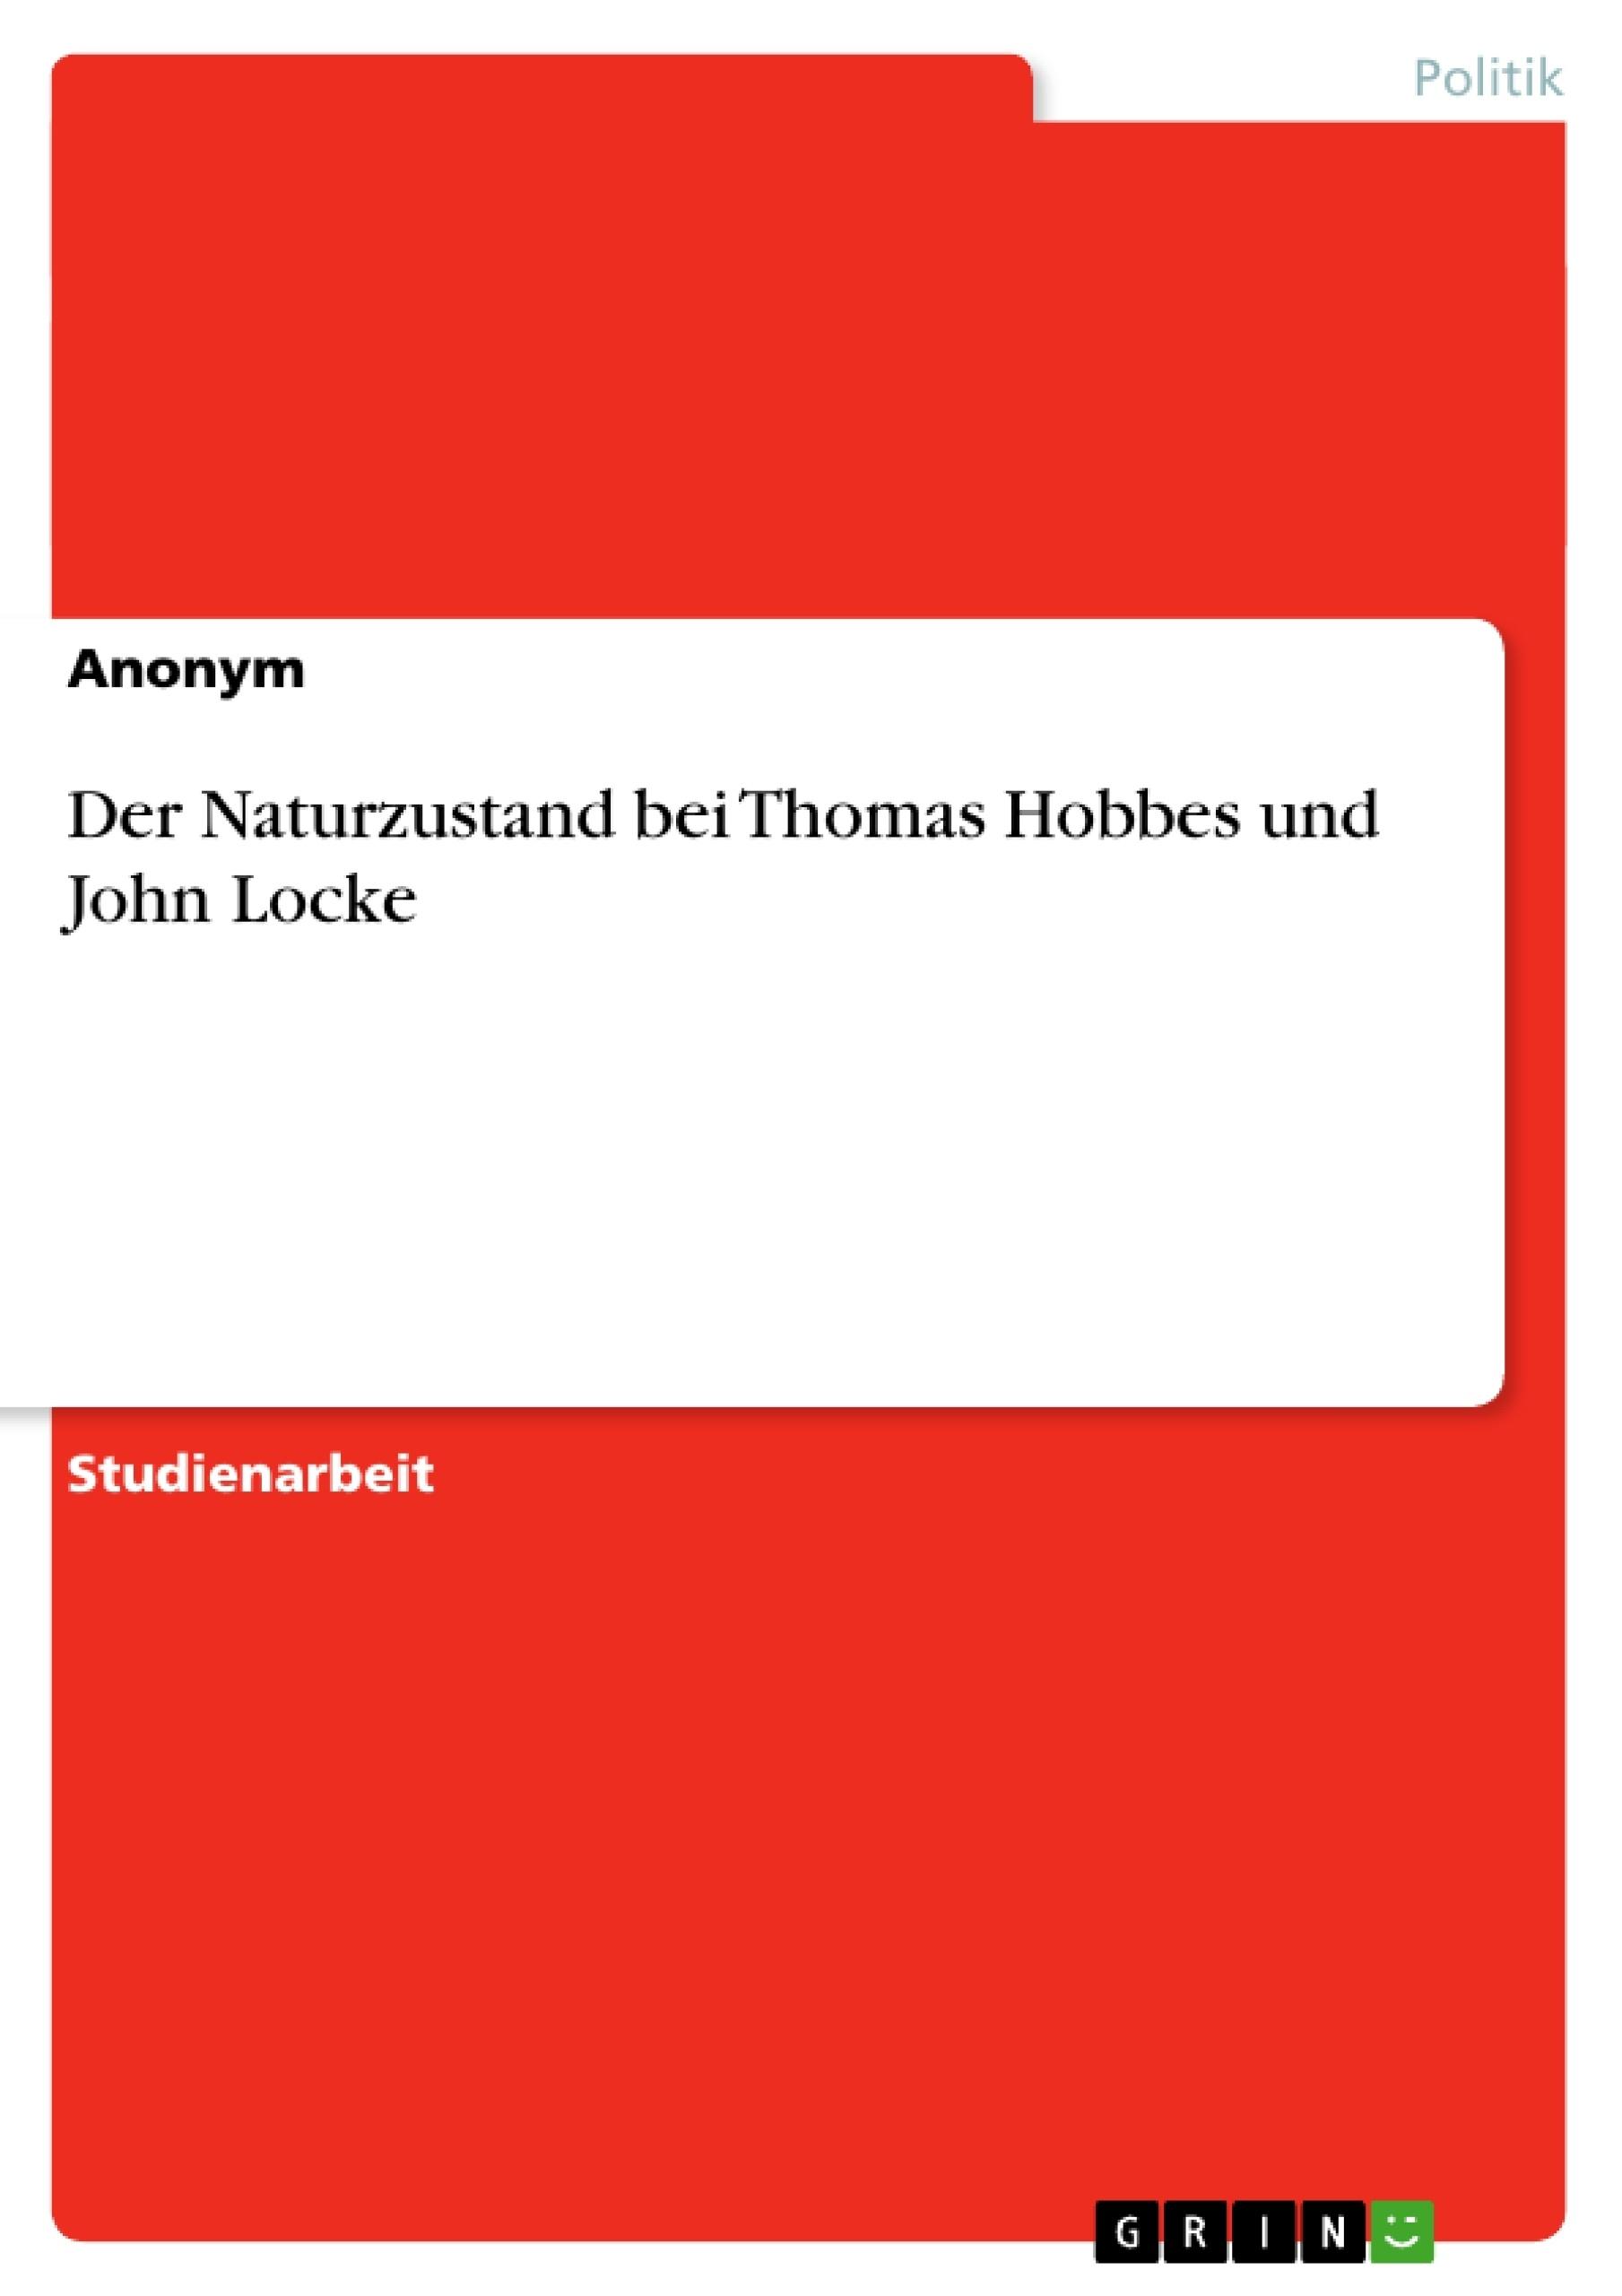 Titel: Der Naturzustand bei Thomas Hobbes und John Locke